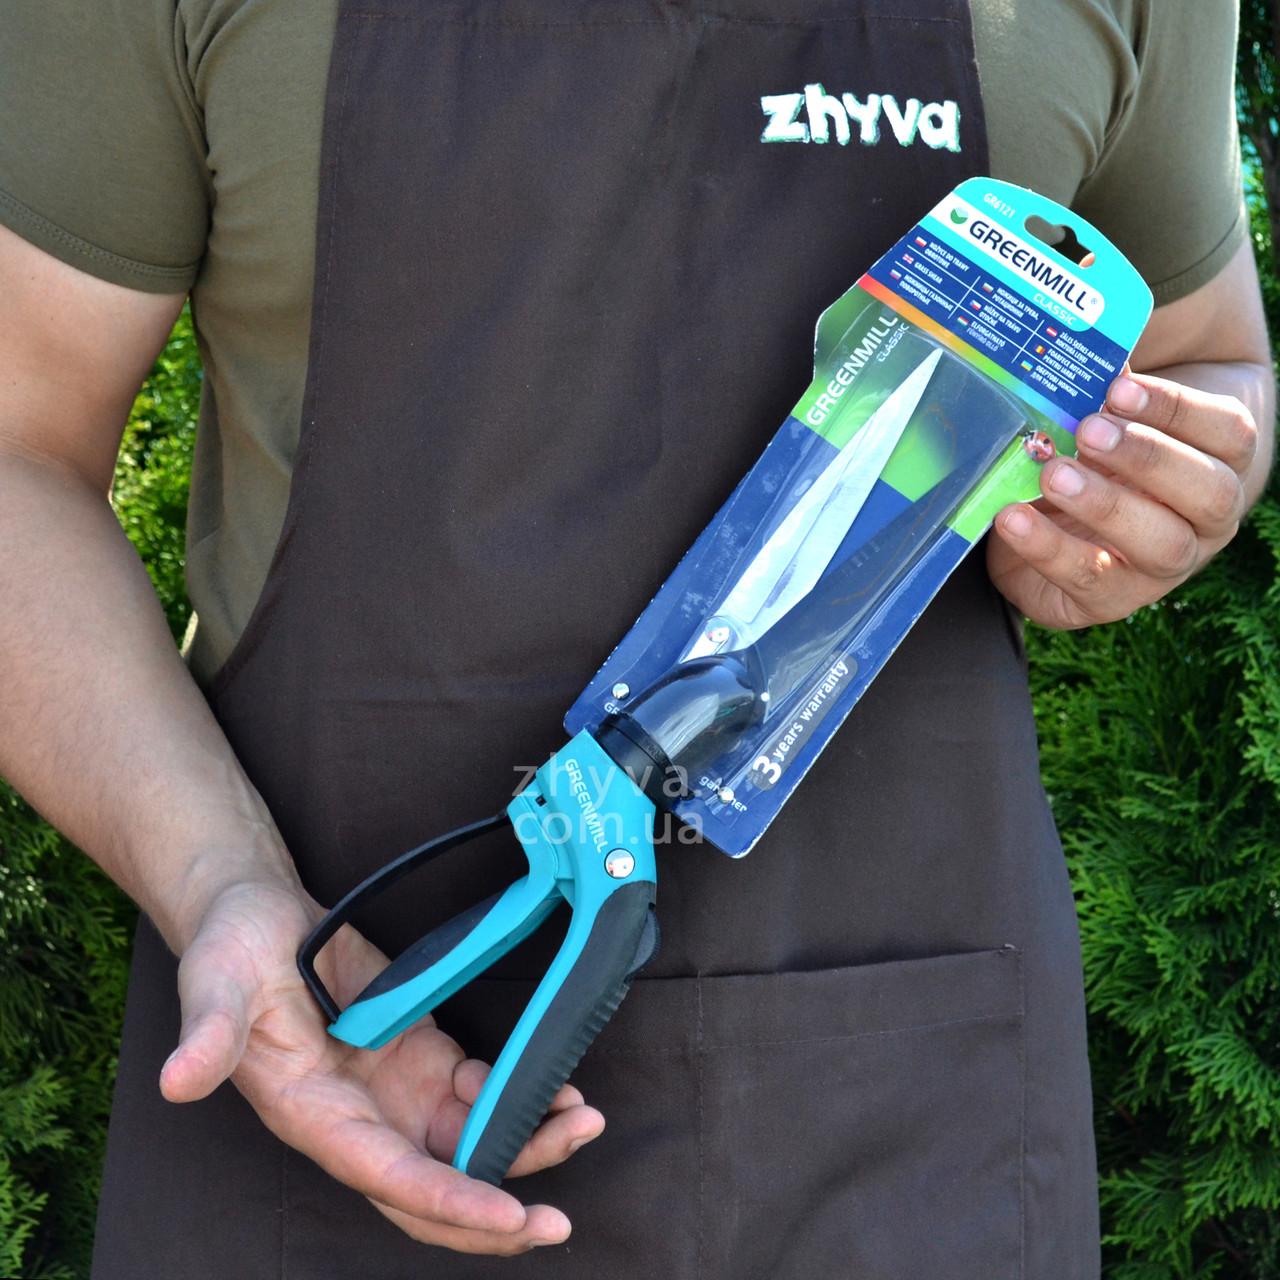 Ножиці для трави Greenmill  / Ножницы к траве Гринмил